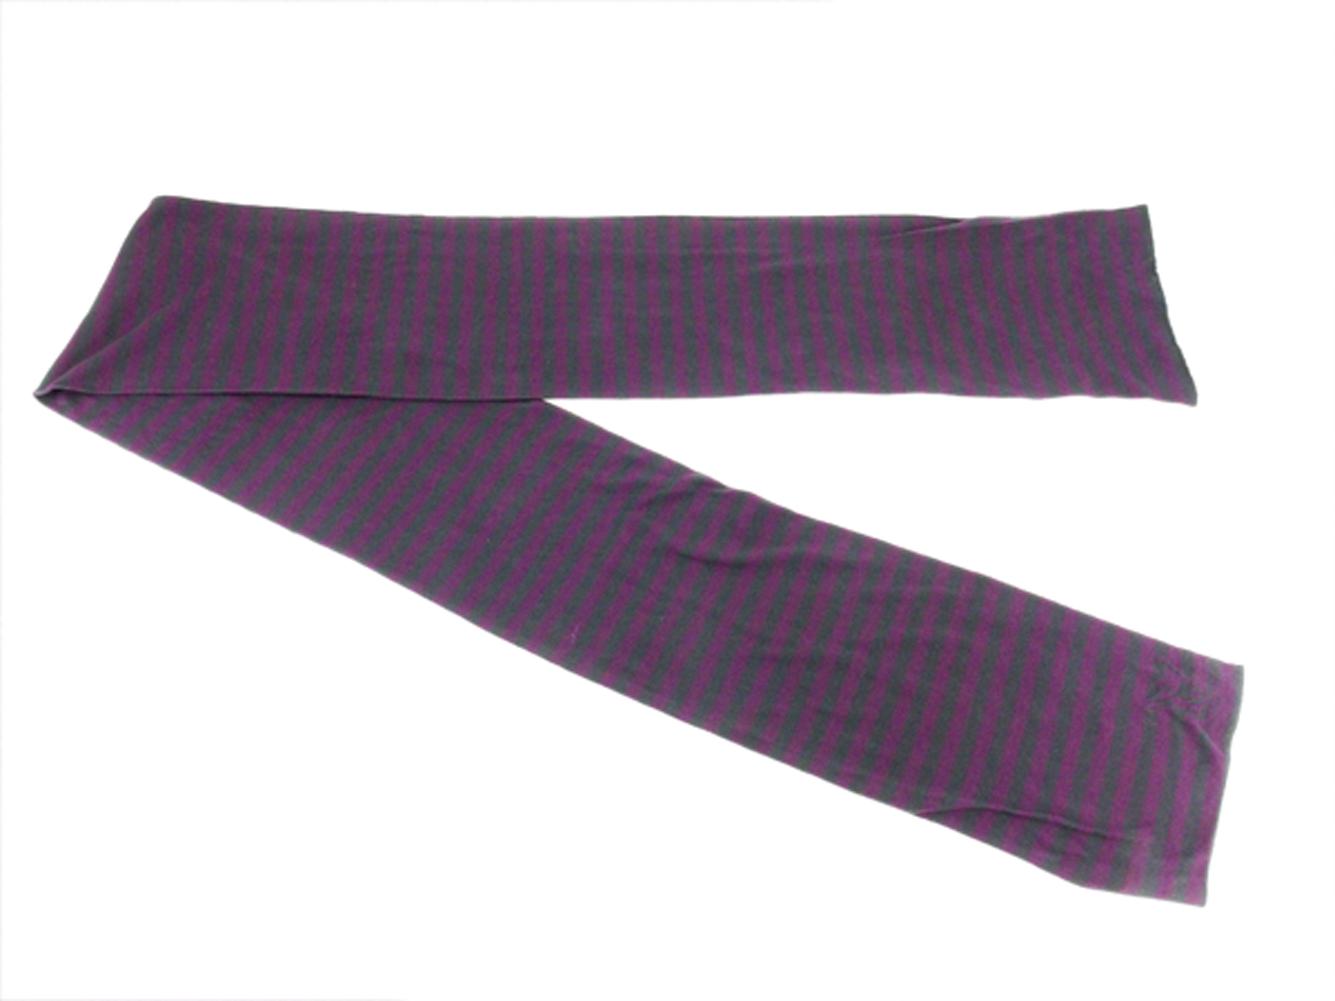 c4ead6840ee45 15% of Louis Vuitton Louis Vuitton scarf LV mark Lady s men horizontal  stripe purple gray gray cotton 85% cashmere beautiful article sale T13339.